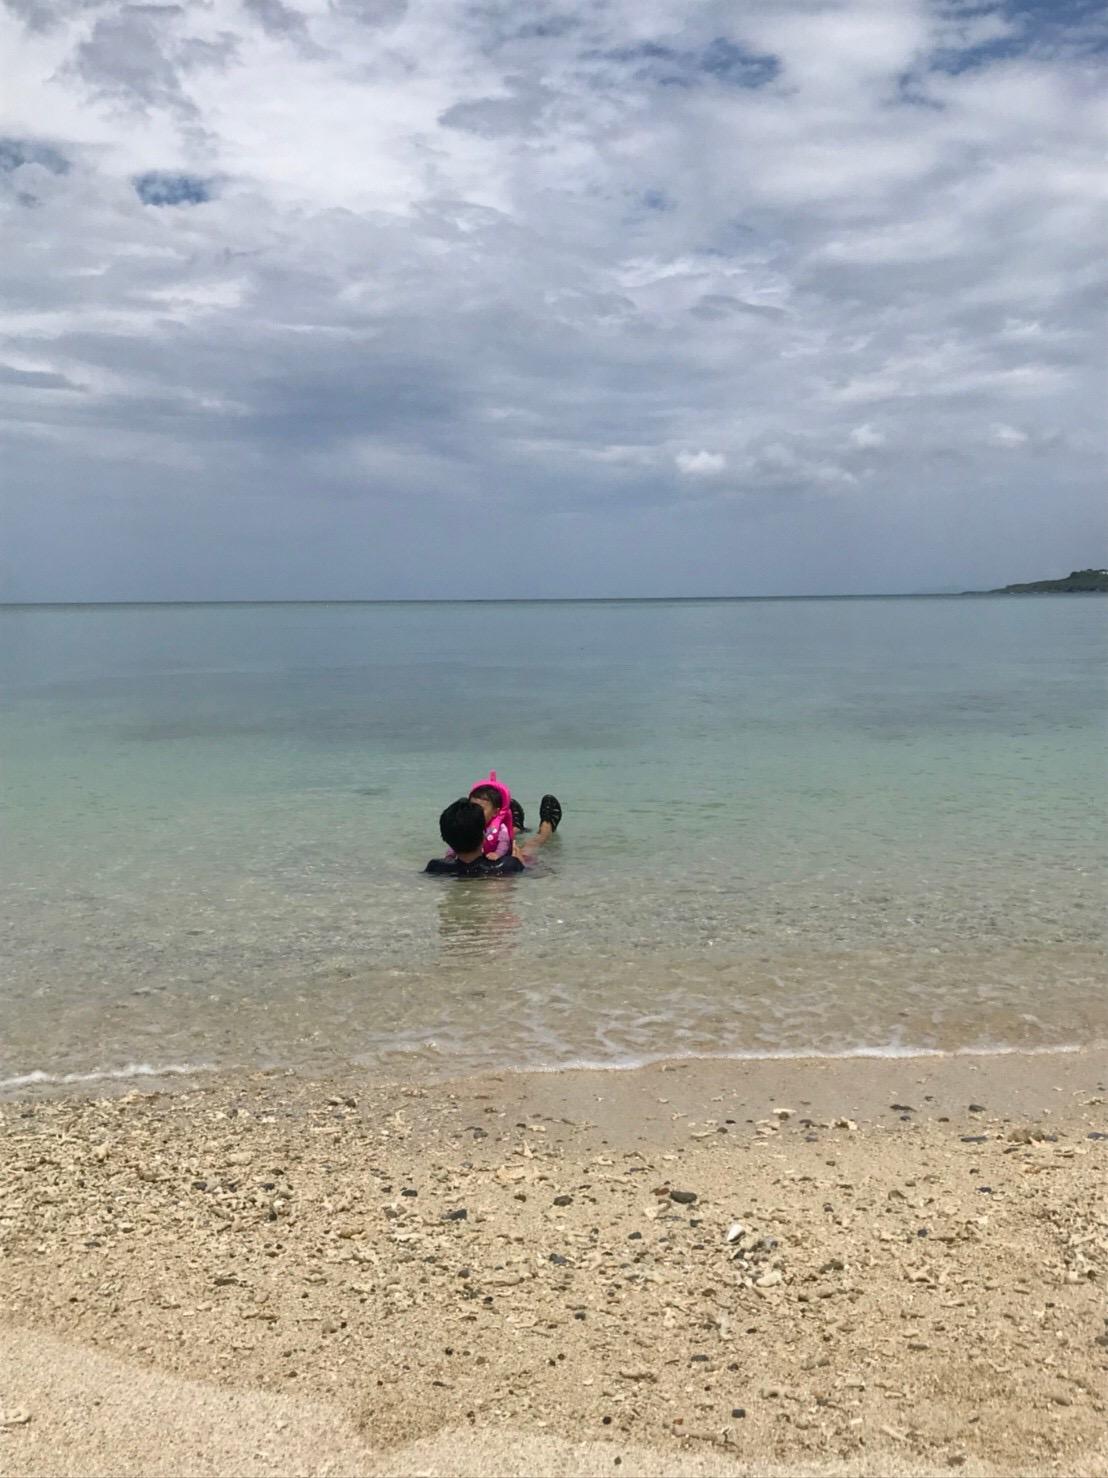 遅めの夏休み、沖縄本島北部へ「自分を観察できるようになった」の体験談